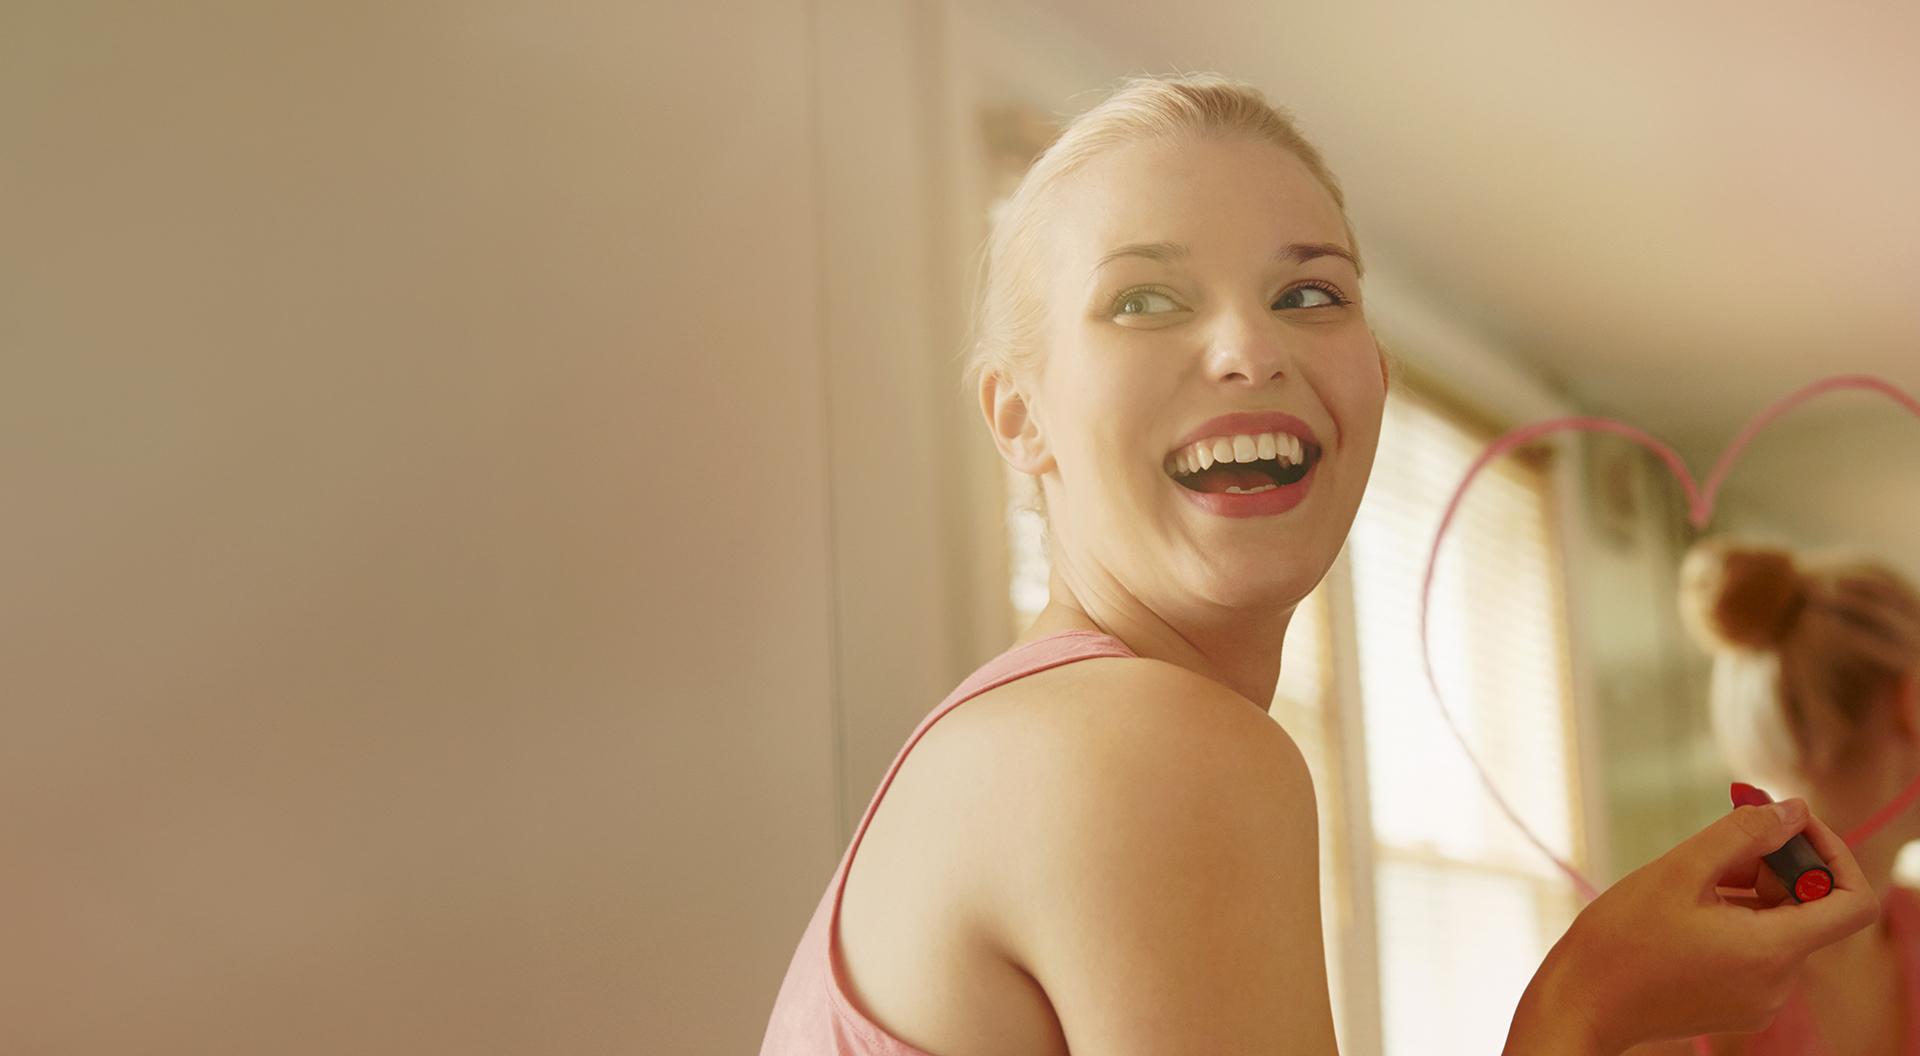 Sei buone norme da seguire per una corretta igiene intima